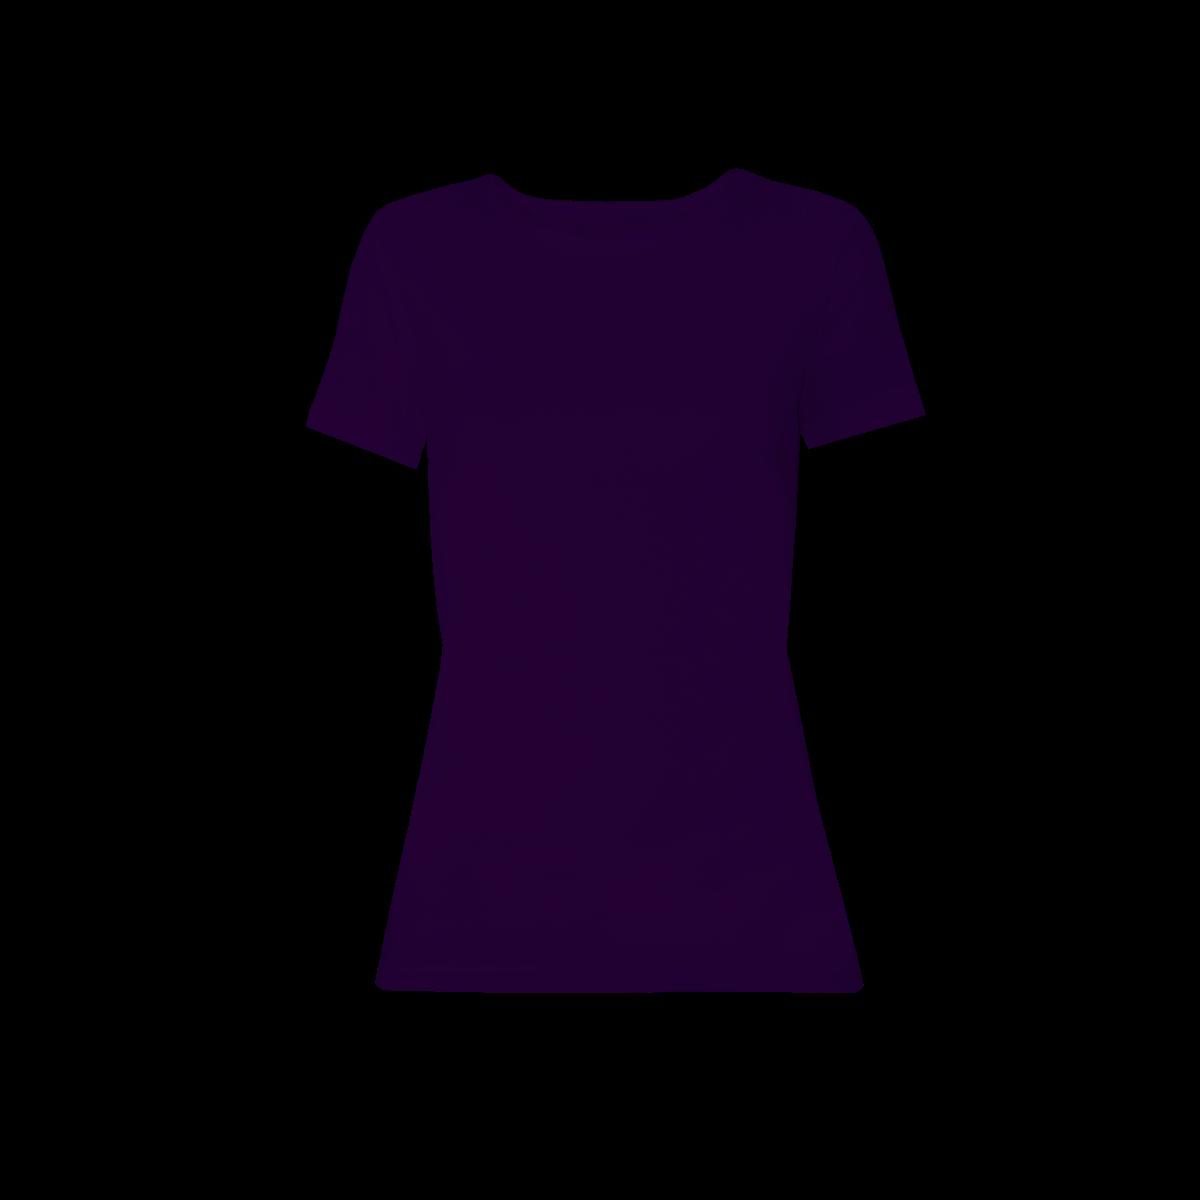 Ženska majica, temno vijolična